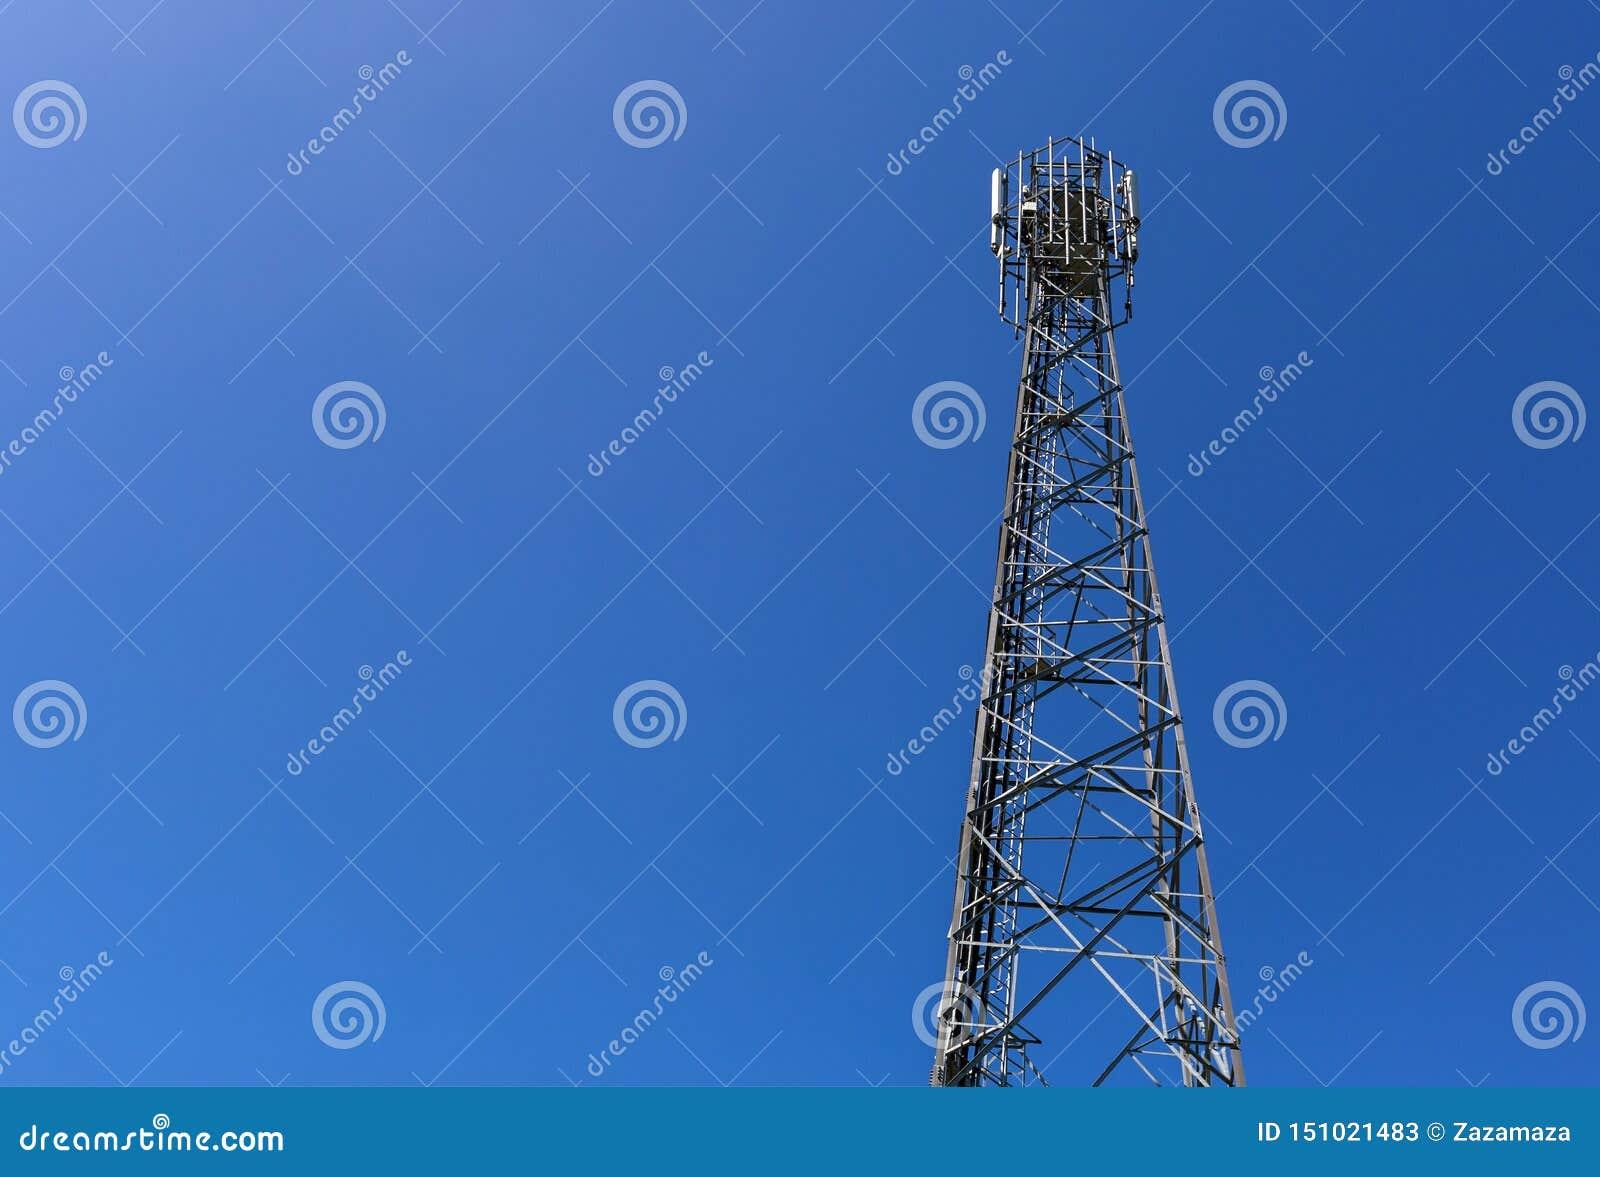 Den telekommunikationtornet eller masten med mikrov?gen, radios?nder panelantenner, utomhus- avl?gsna radioenheter, maktkablar so